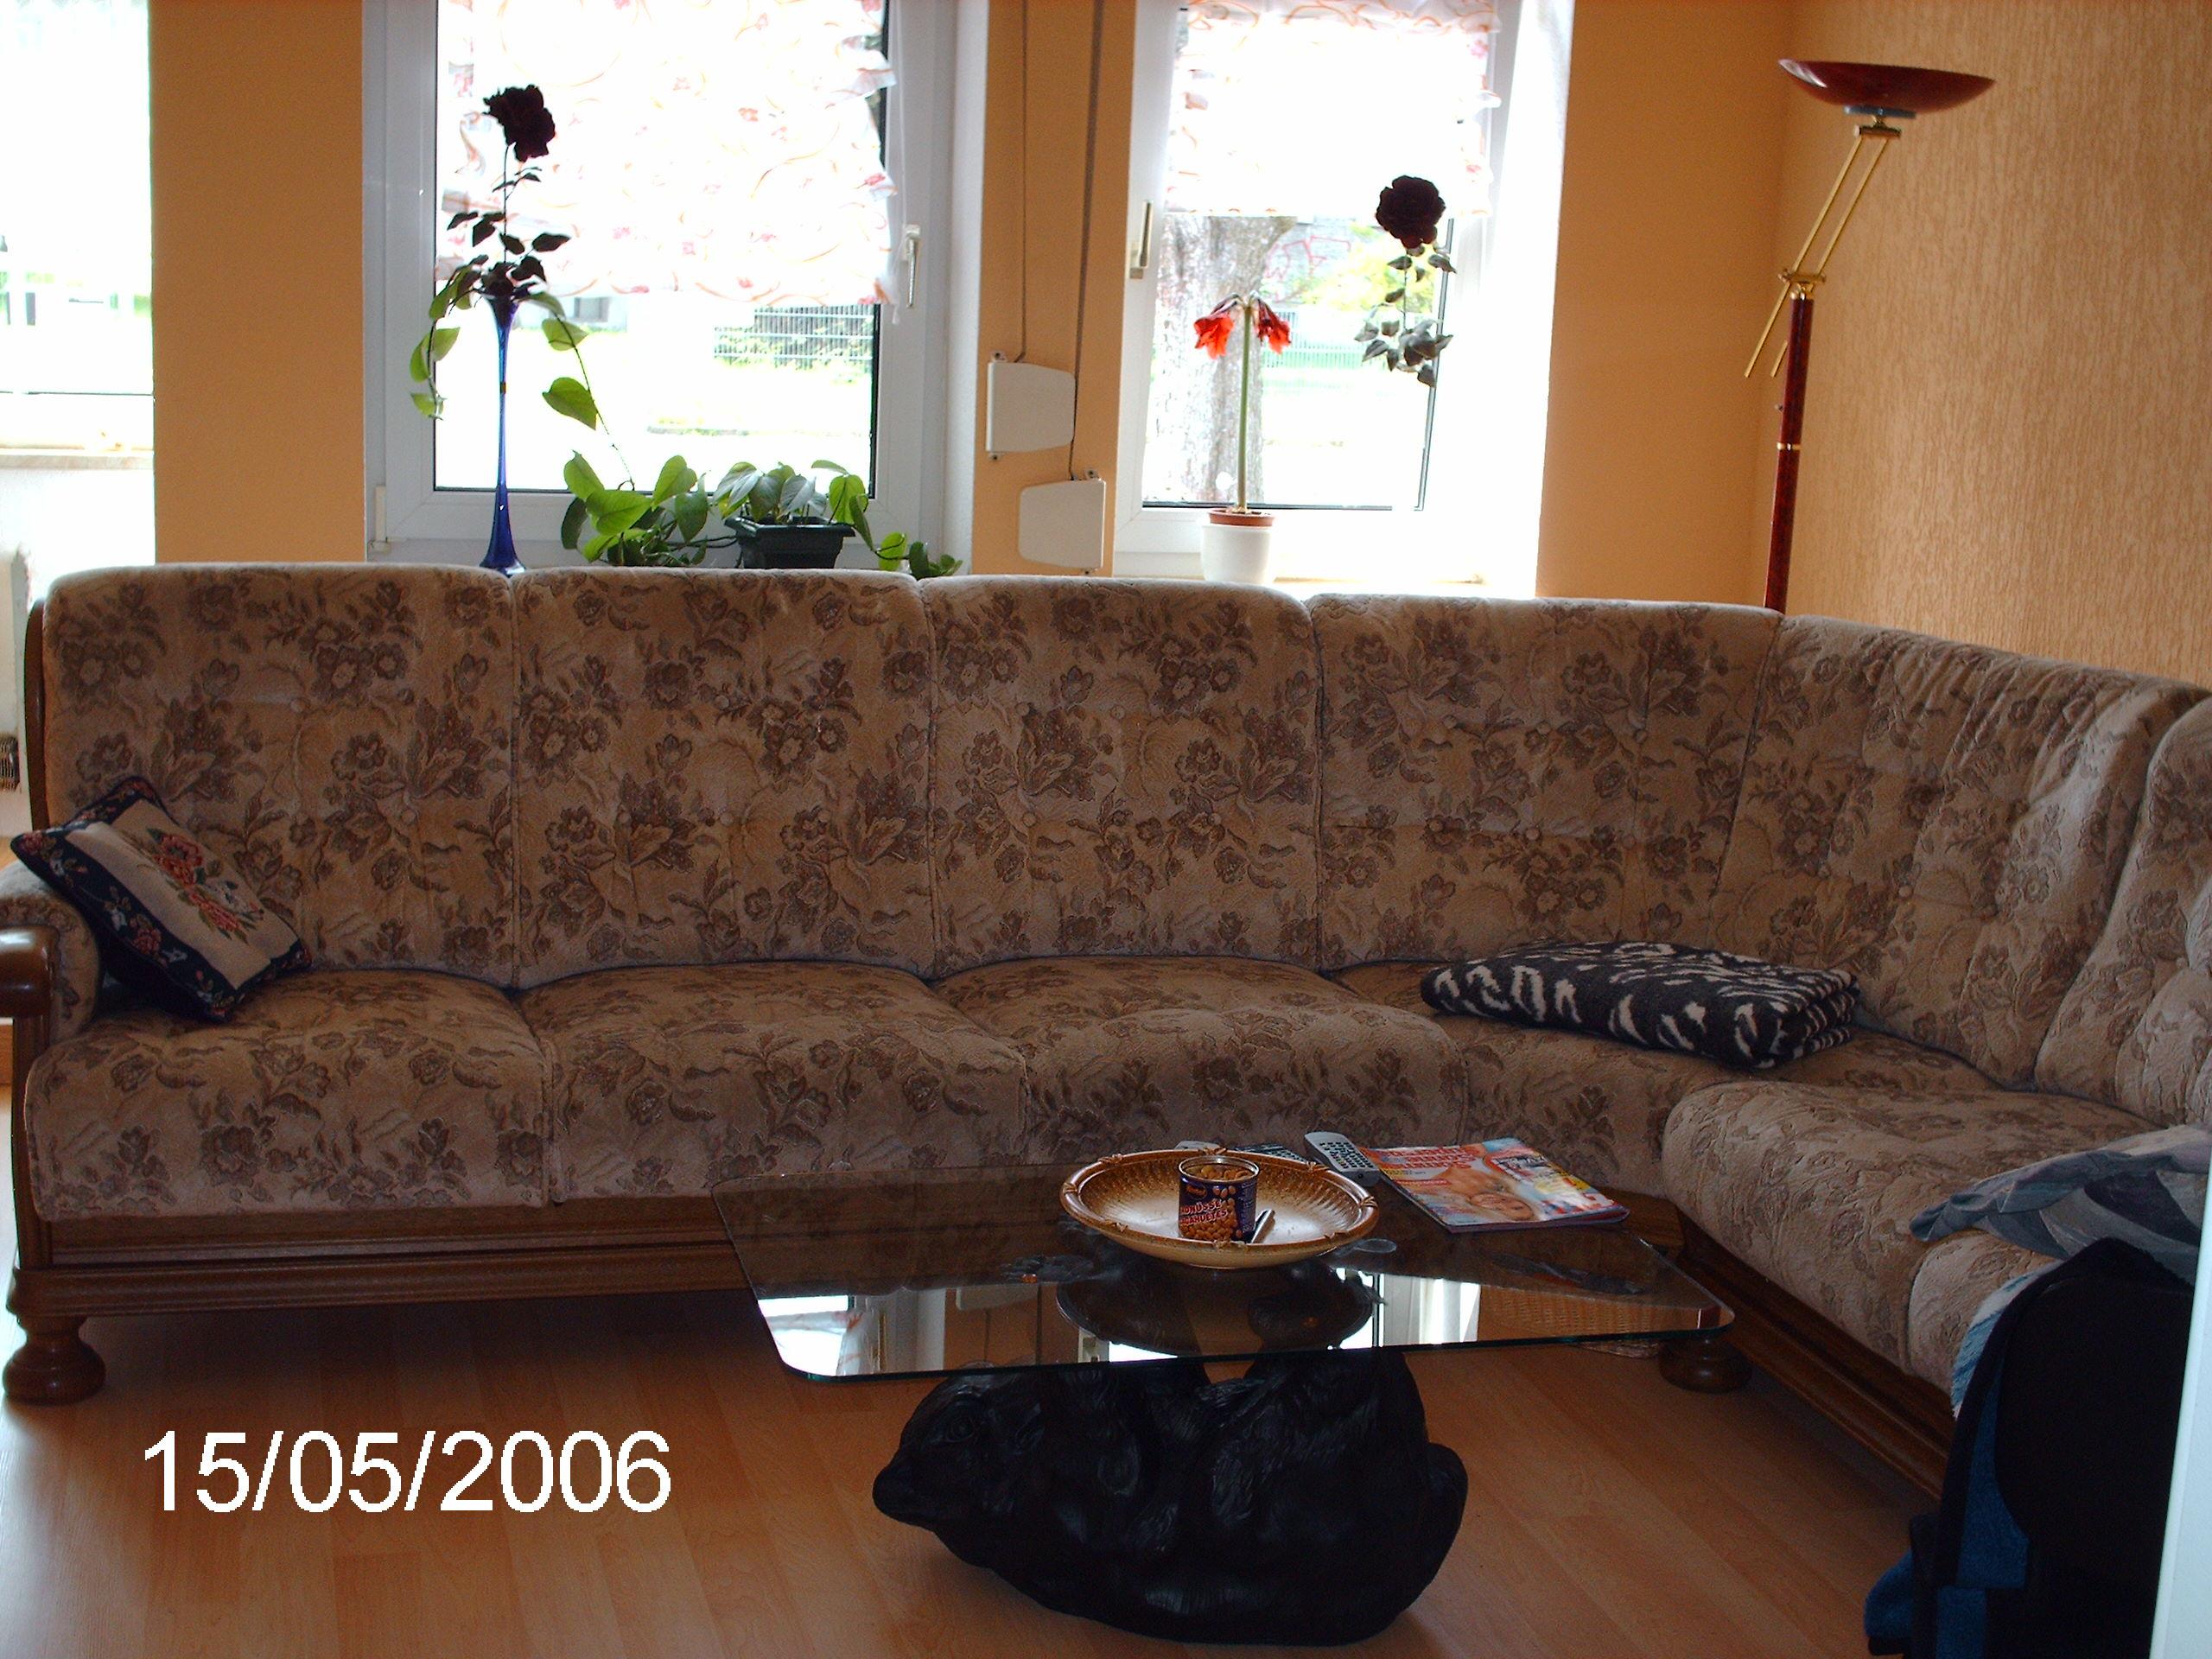 kostenlose selbstabhohler kleinanzeigen. Black Bedroom Furniture Sets. Home Design Ideas